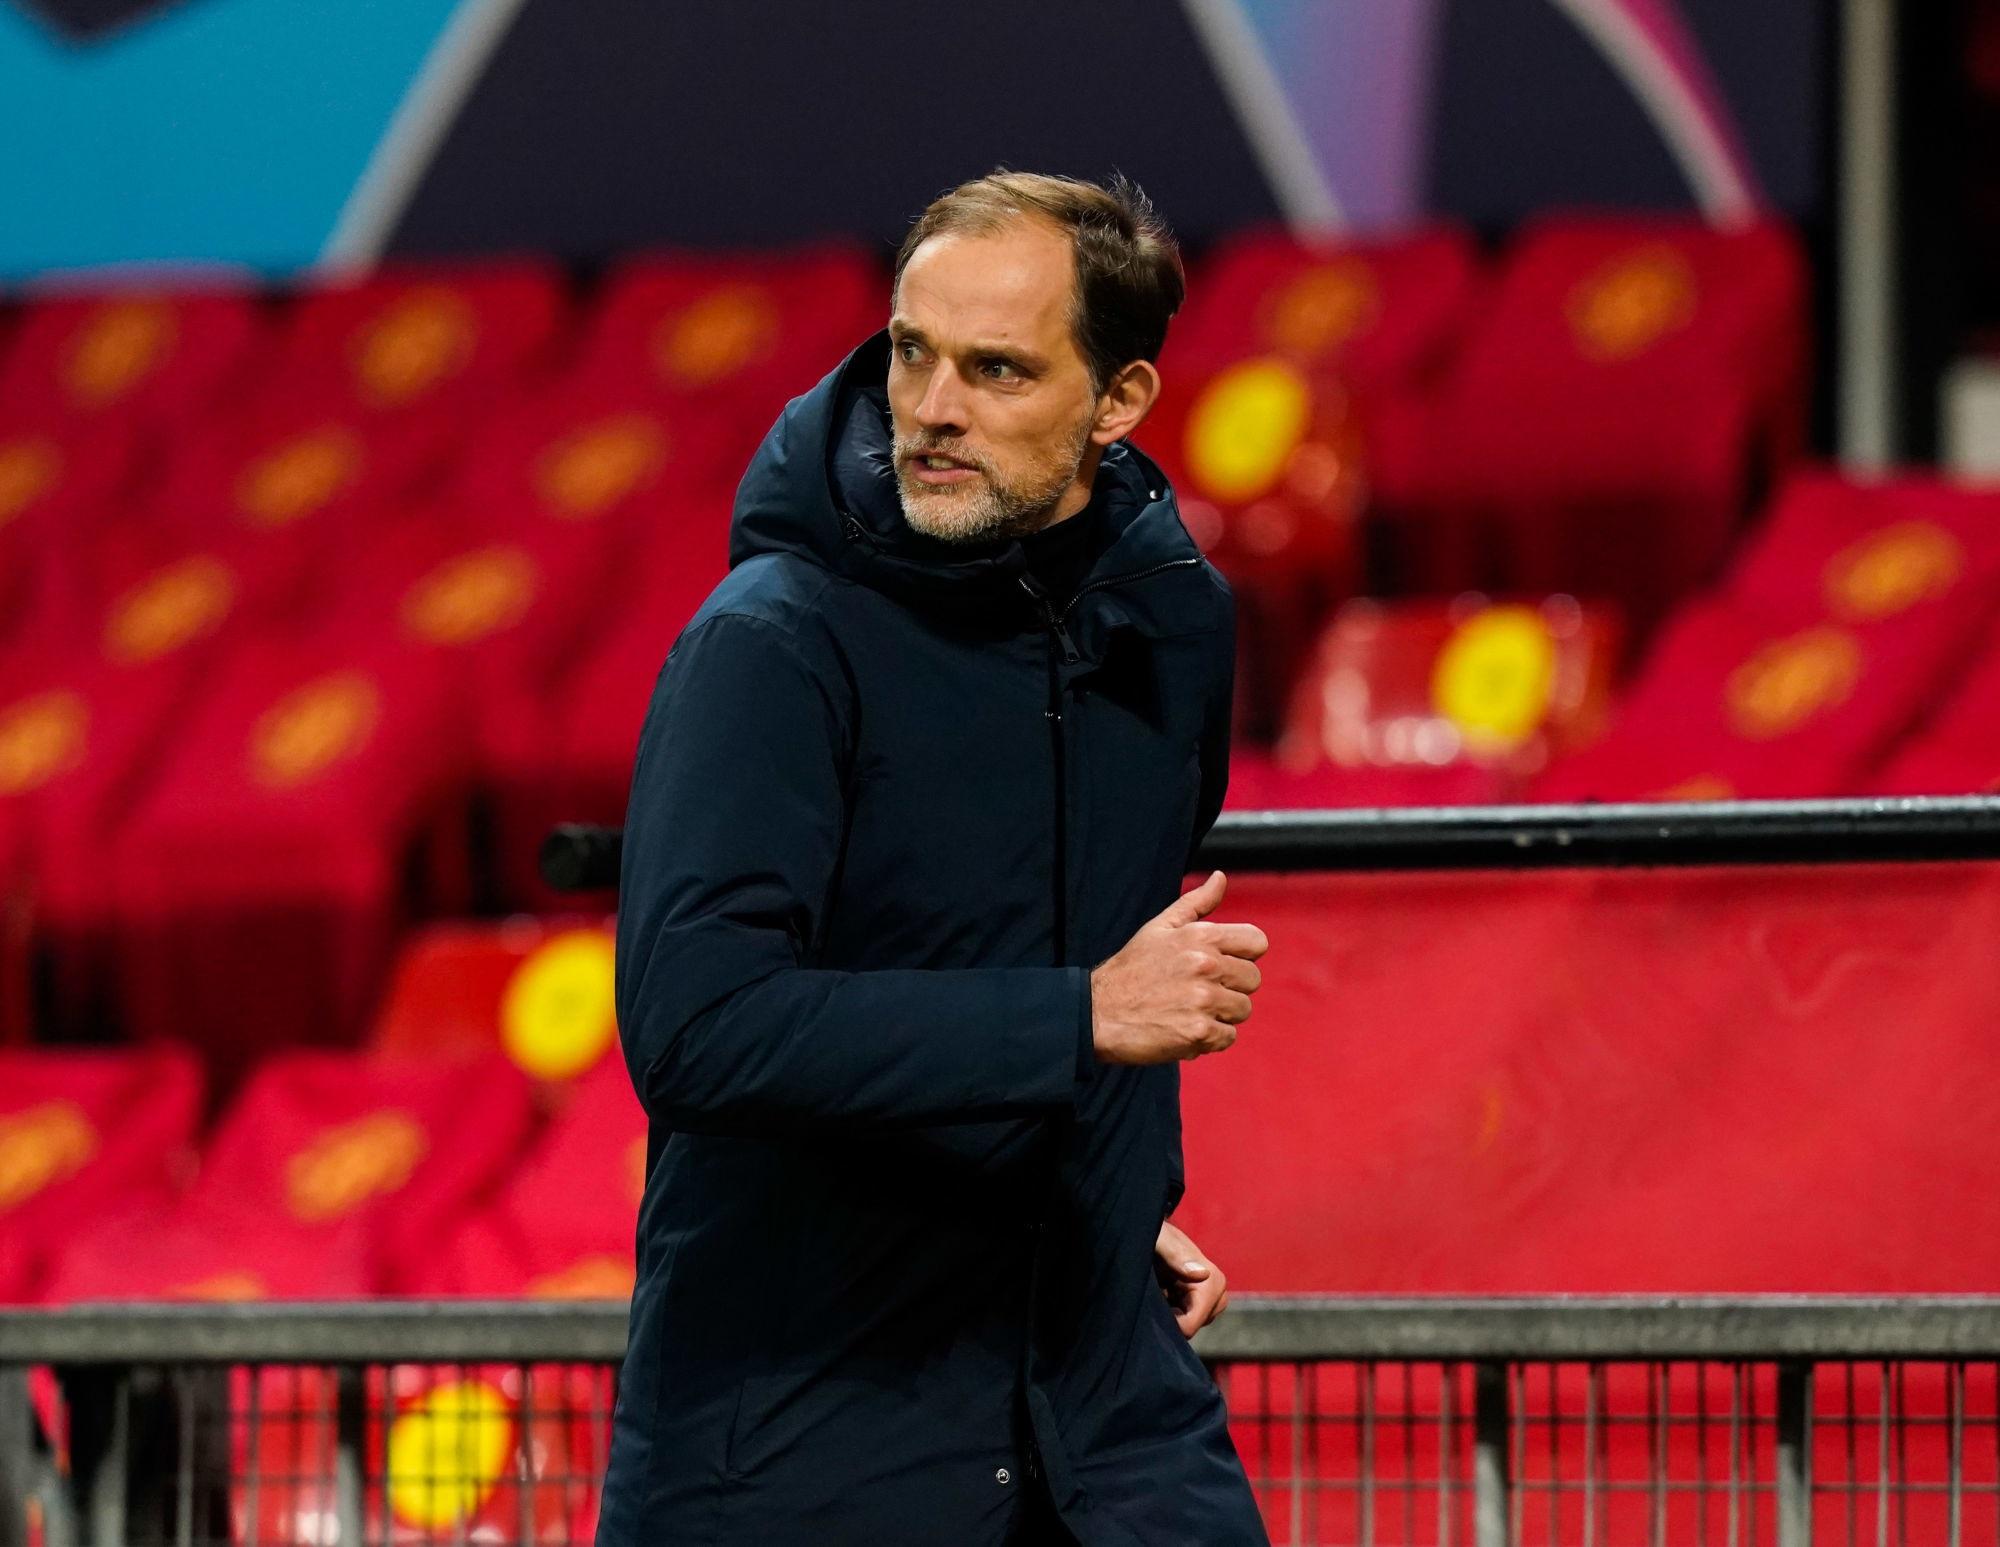 Mercato - Tuchel et Manchester United ont un intérêt mutuel, selon Bild